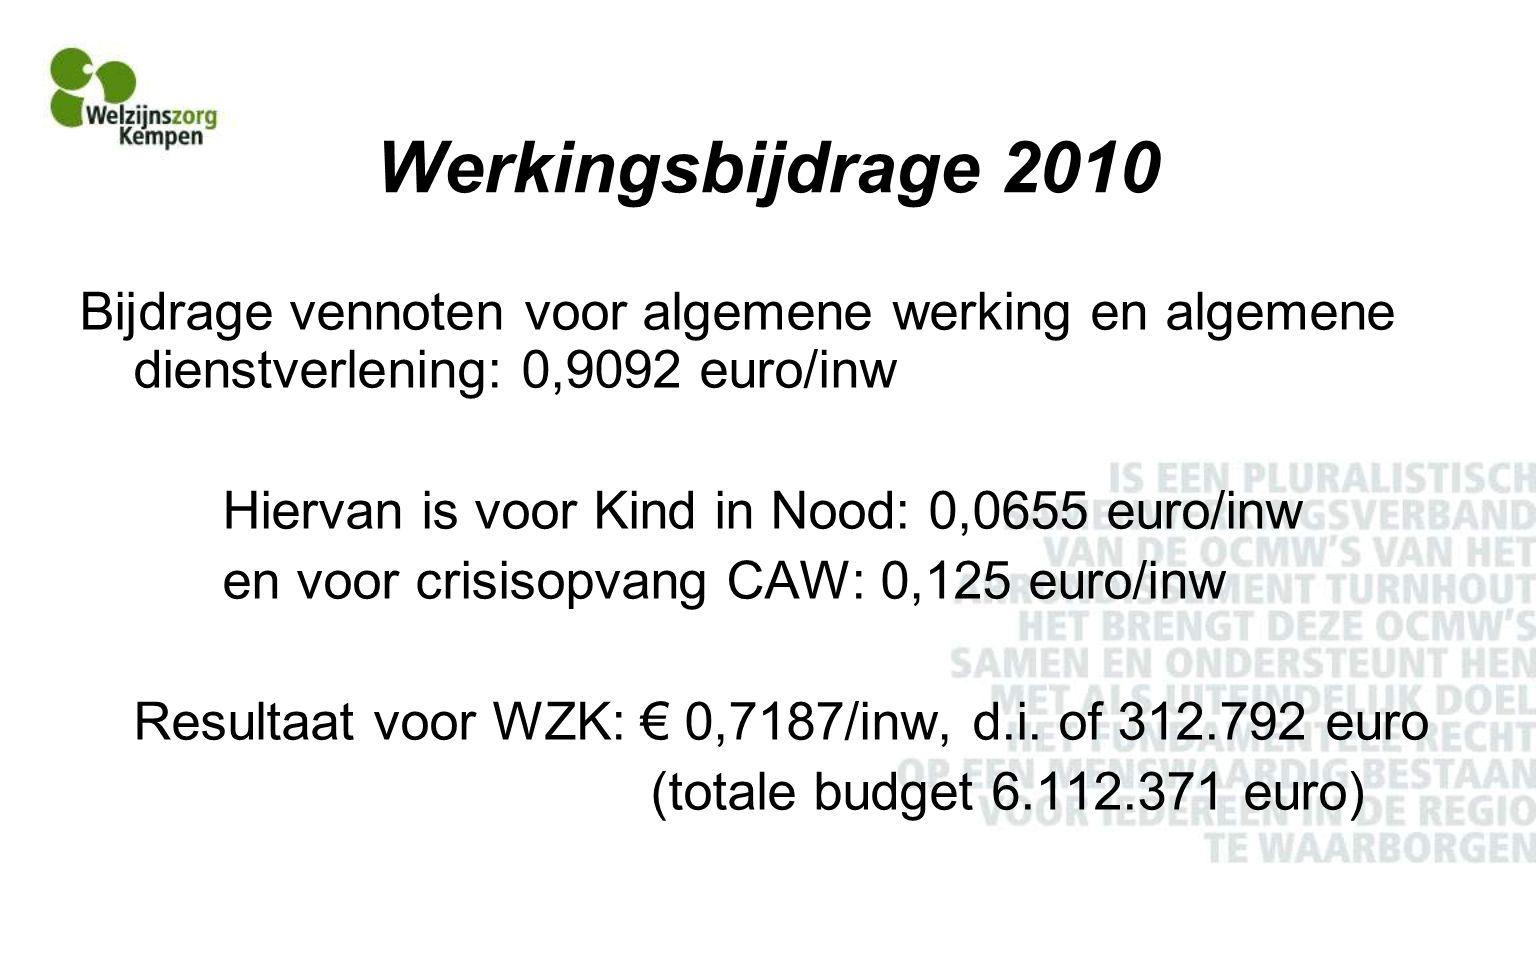 Werkingsbijdrage 2010 Bijdrage vennoten voor algemene werking en algemene dienstverlening: 0,9092 euro/inw.